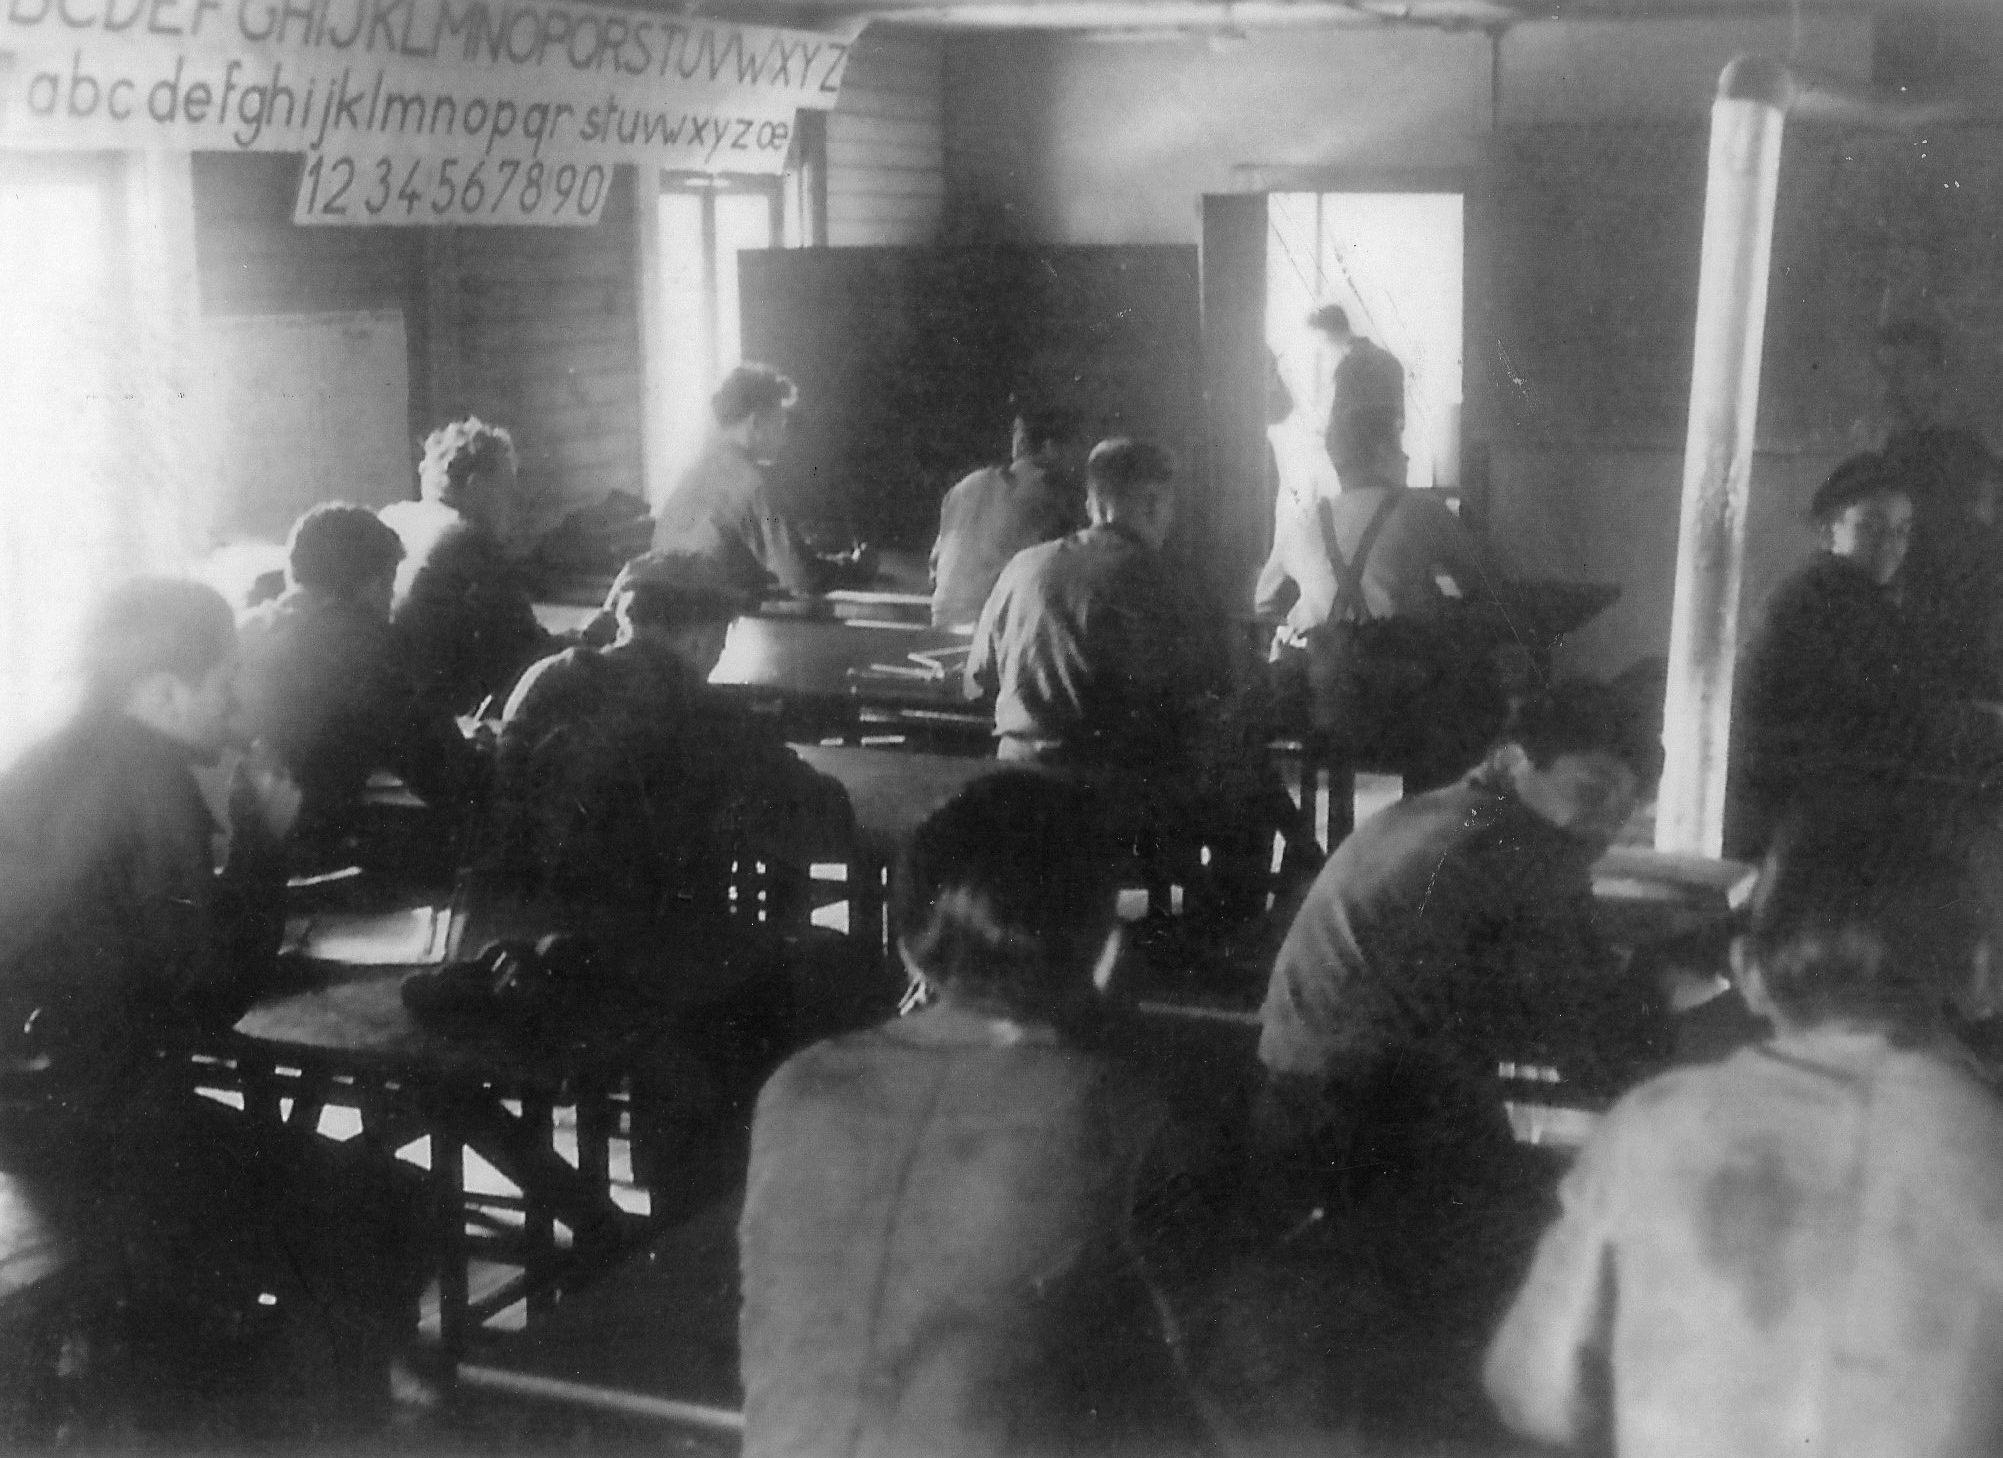 Un classe en 1957 dans les barquements en bois